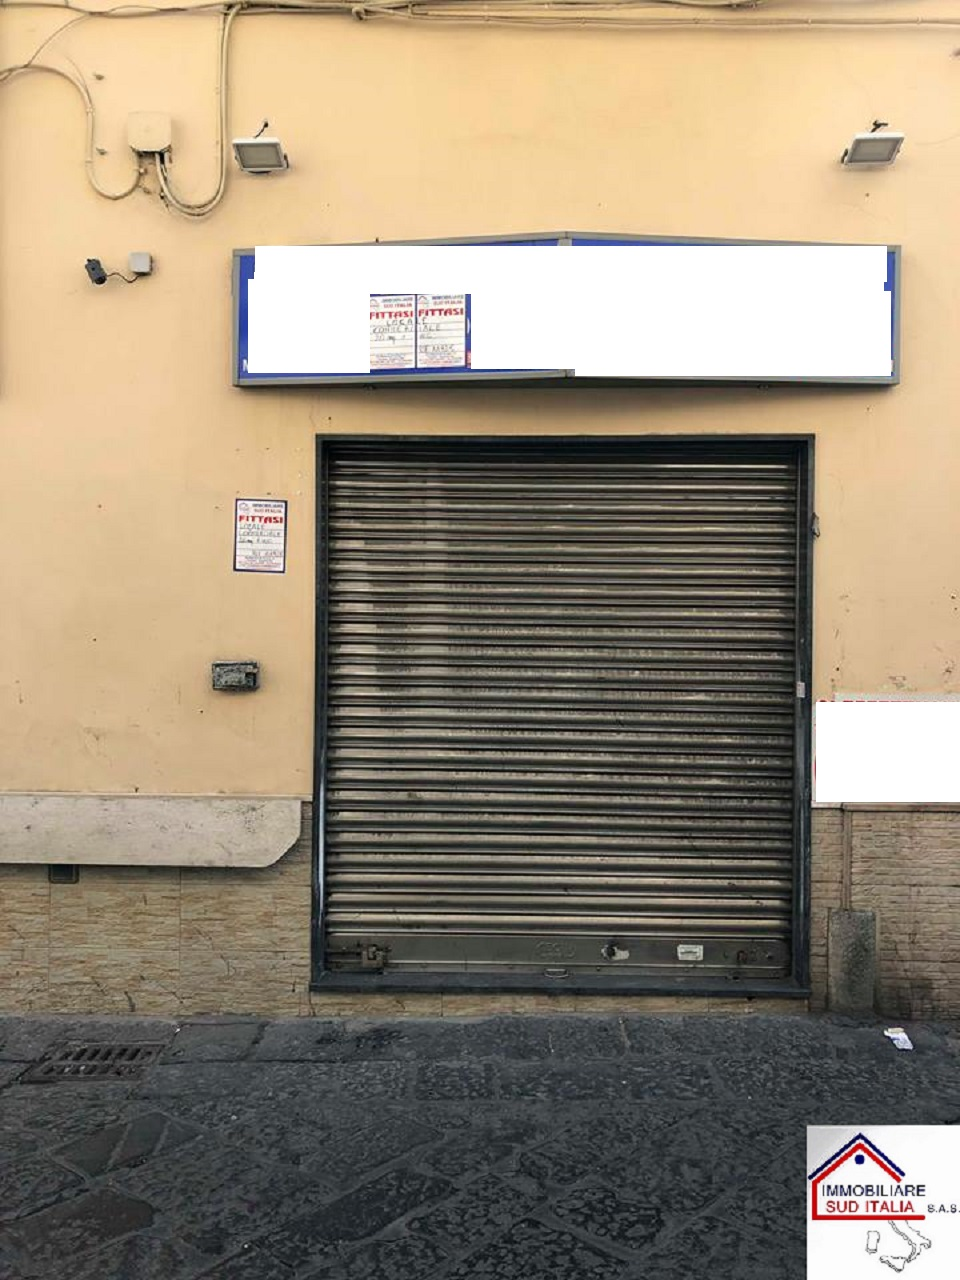 Negozio / Locale in affitto a Giugliano in Campania, 9999 locali, prezzo € 300 | CambioCasa.it